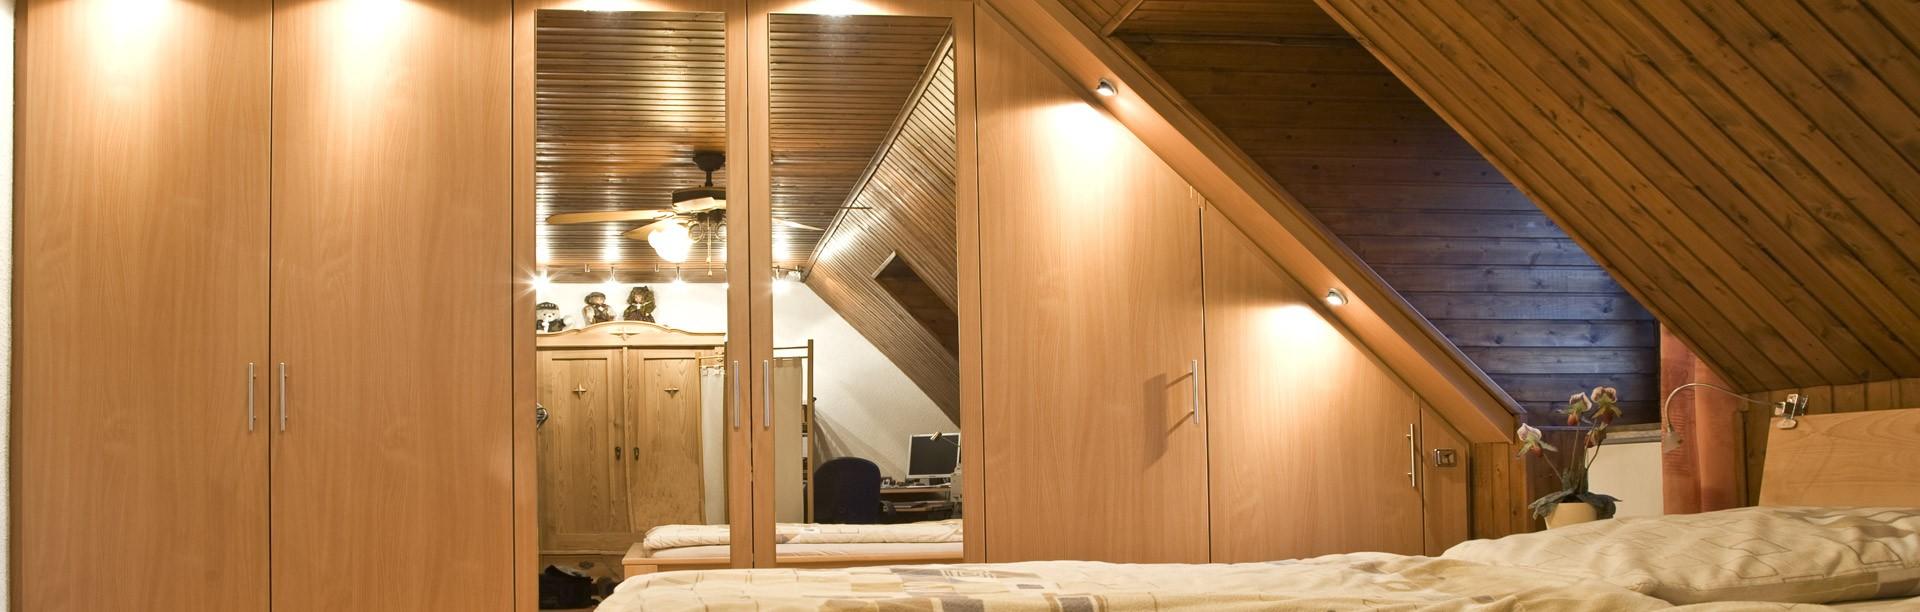 Dachschraege im Schlafzimmer